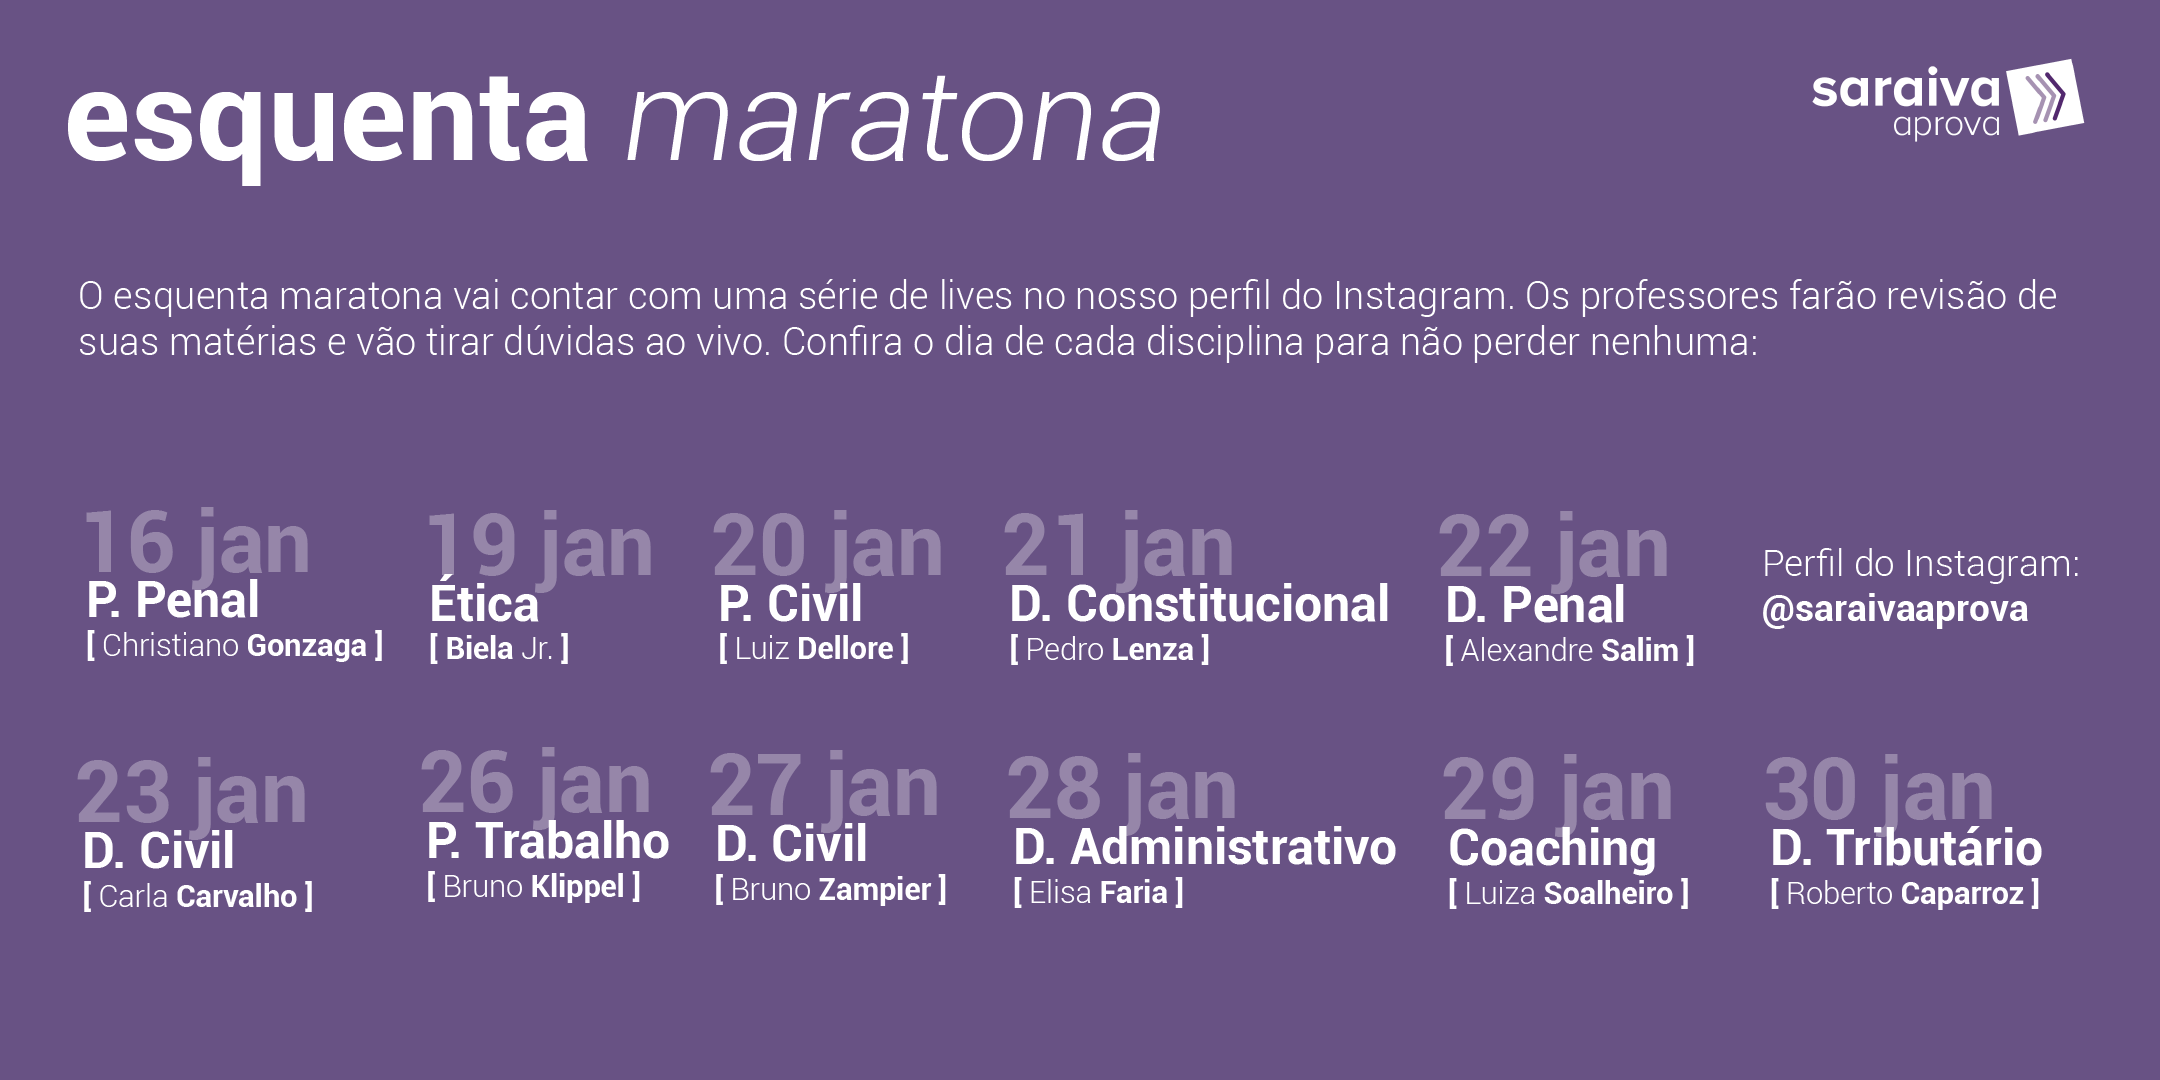 Cronograma com os horários das lives da maratona OAB